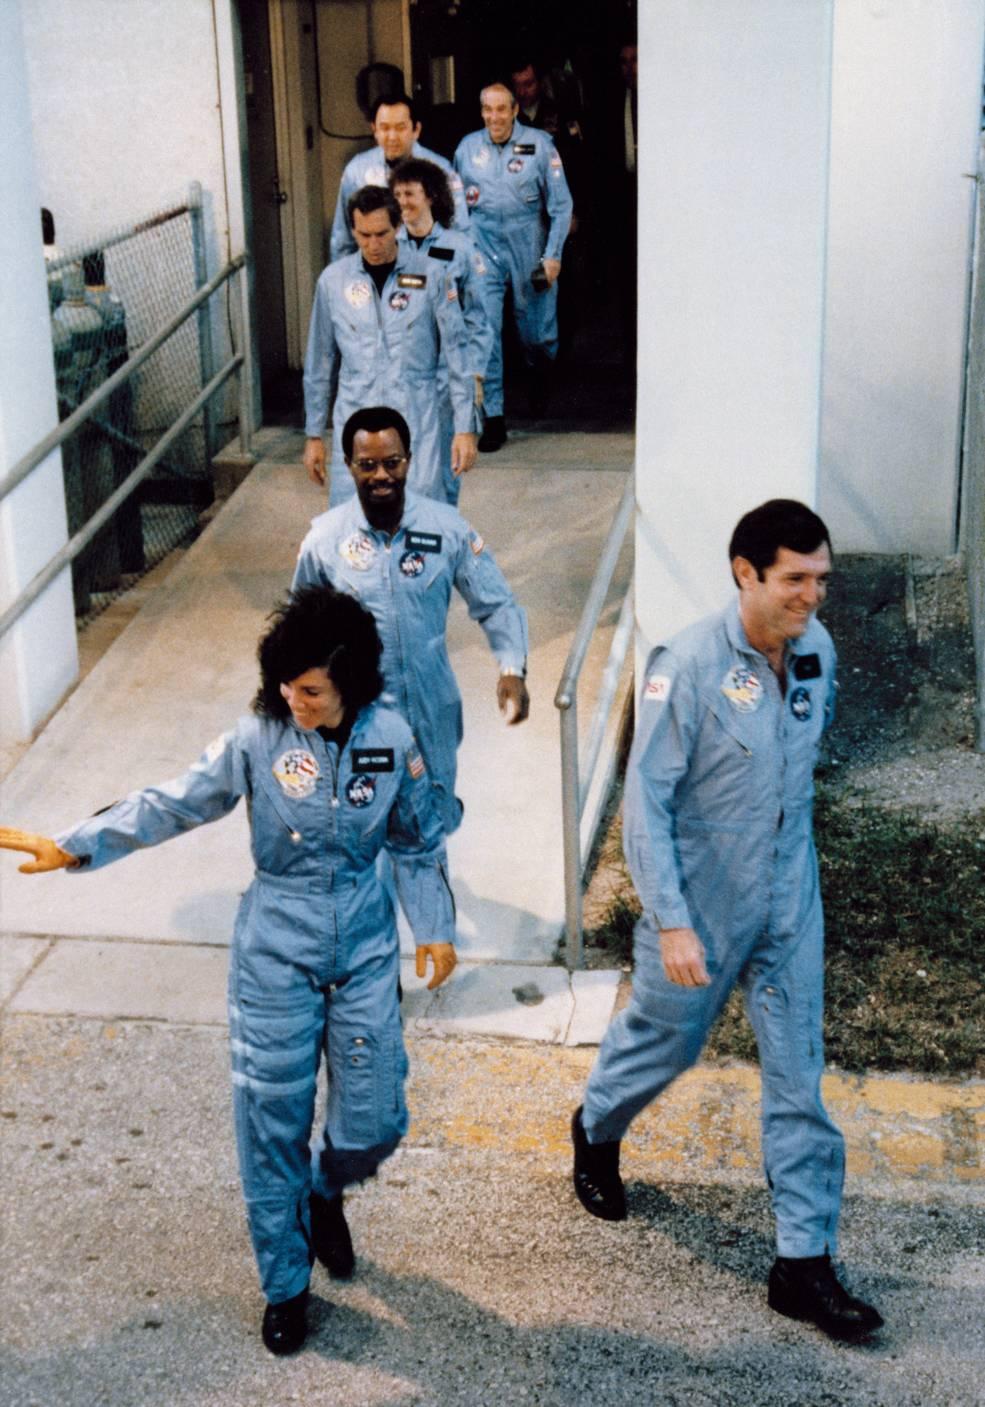 Fa parte del team Challenger crew